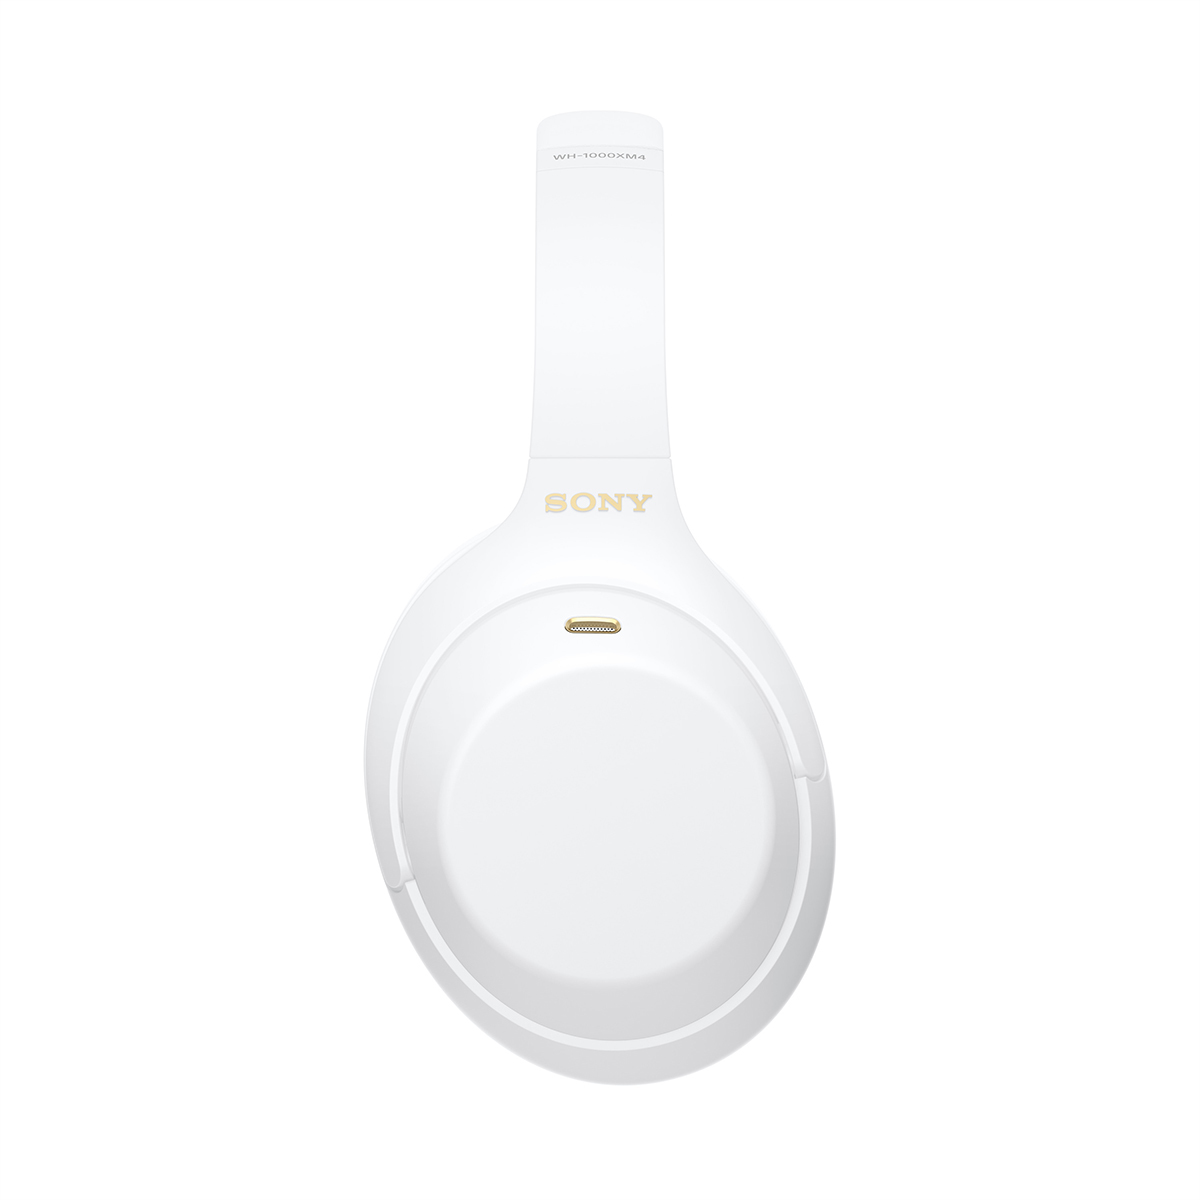 Беспроводные наушники Sony WH-1000XM4W белого цвета с активным шумоподавлением